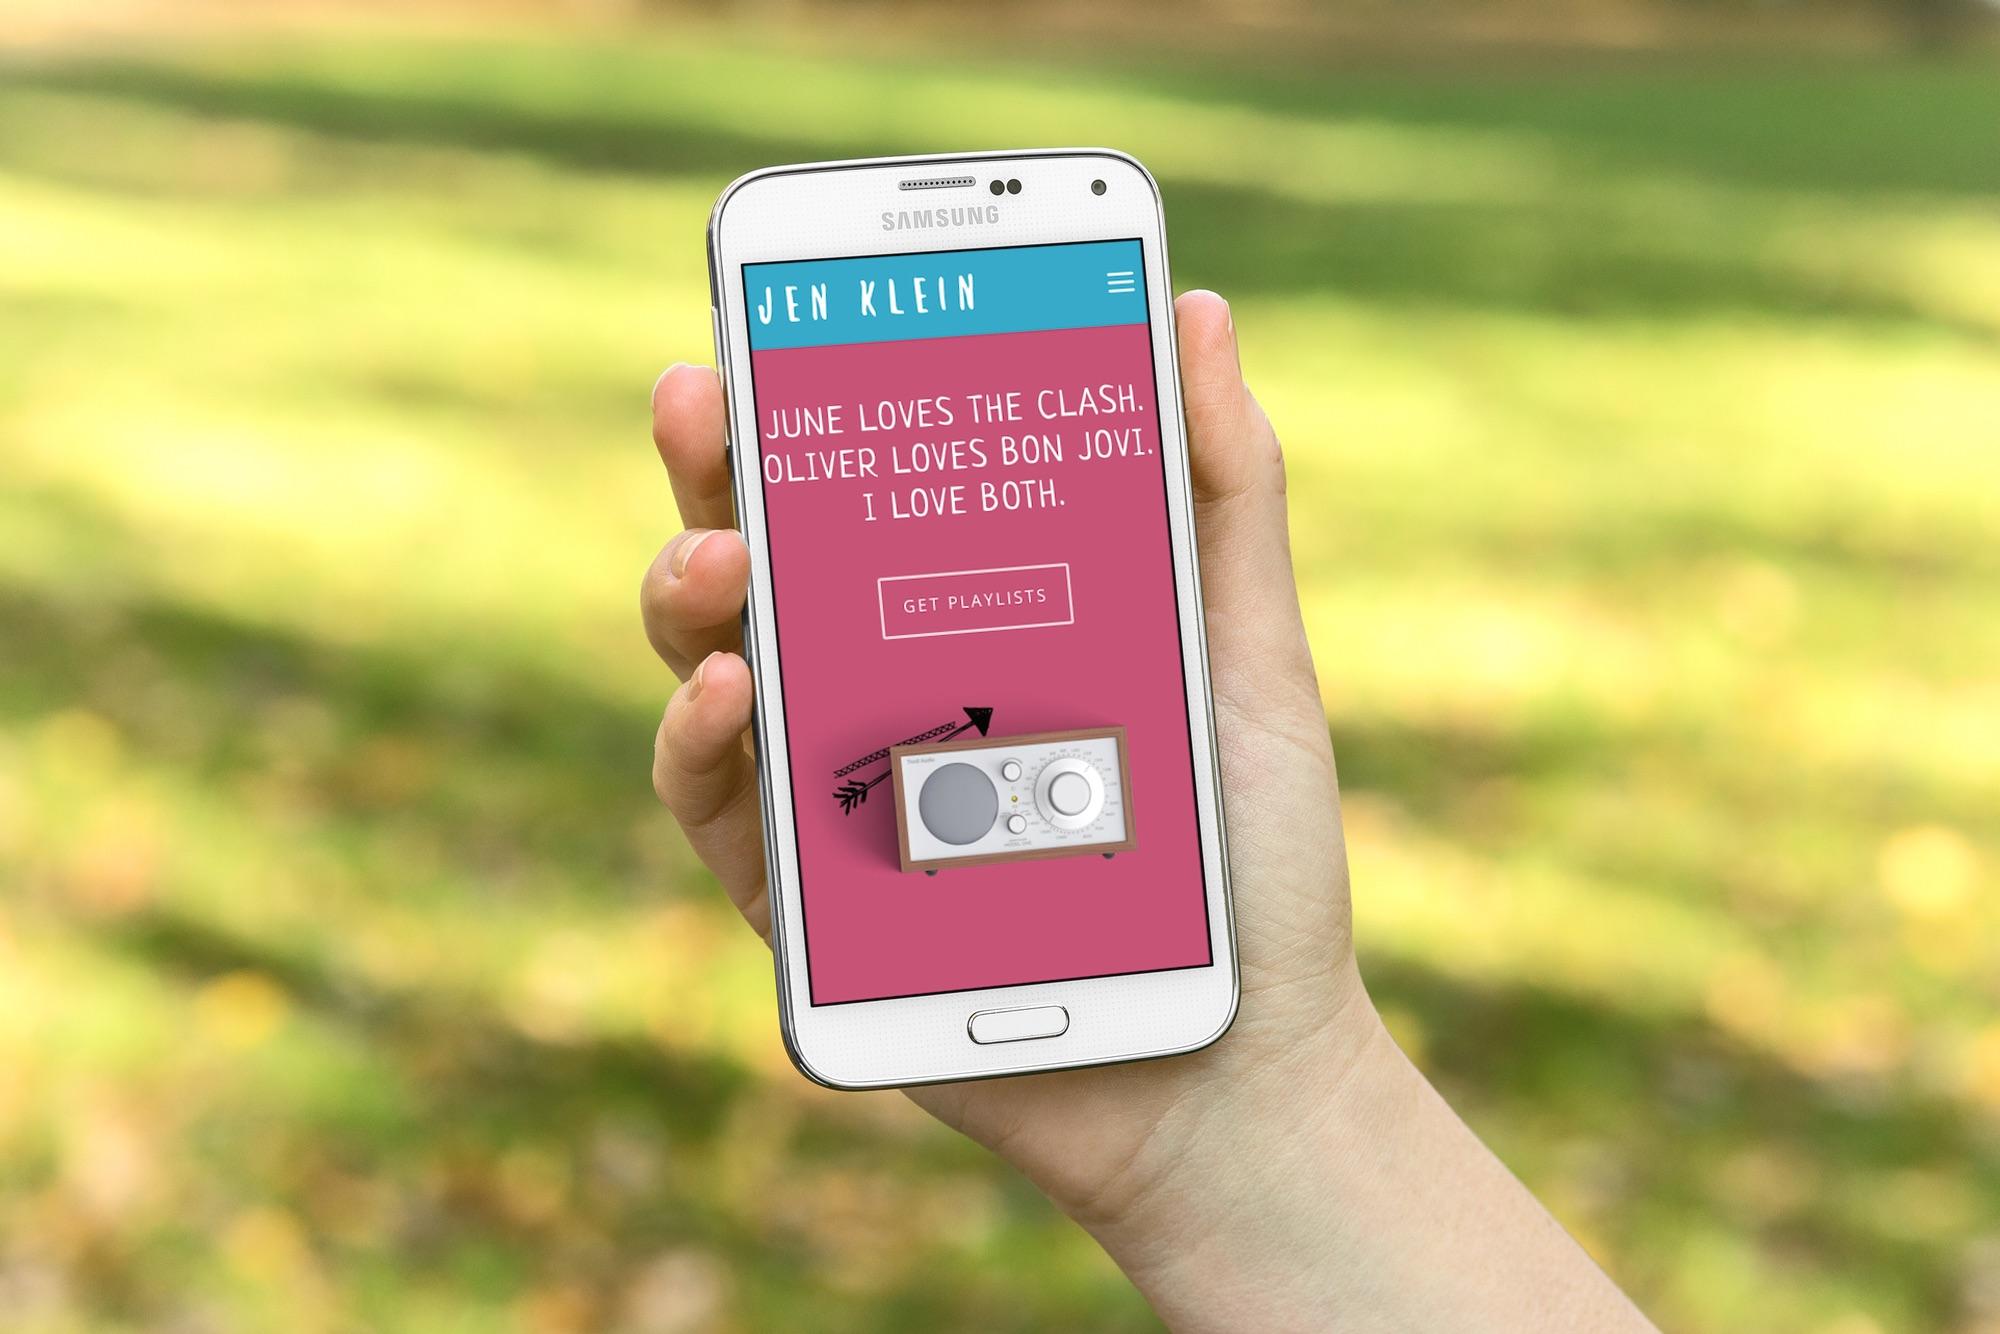 Jen Klein Website on Mobile